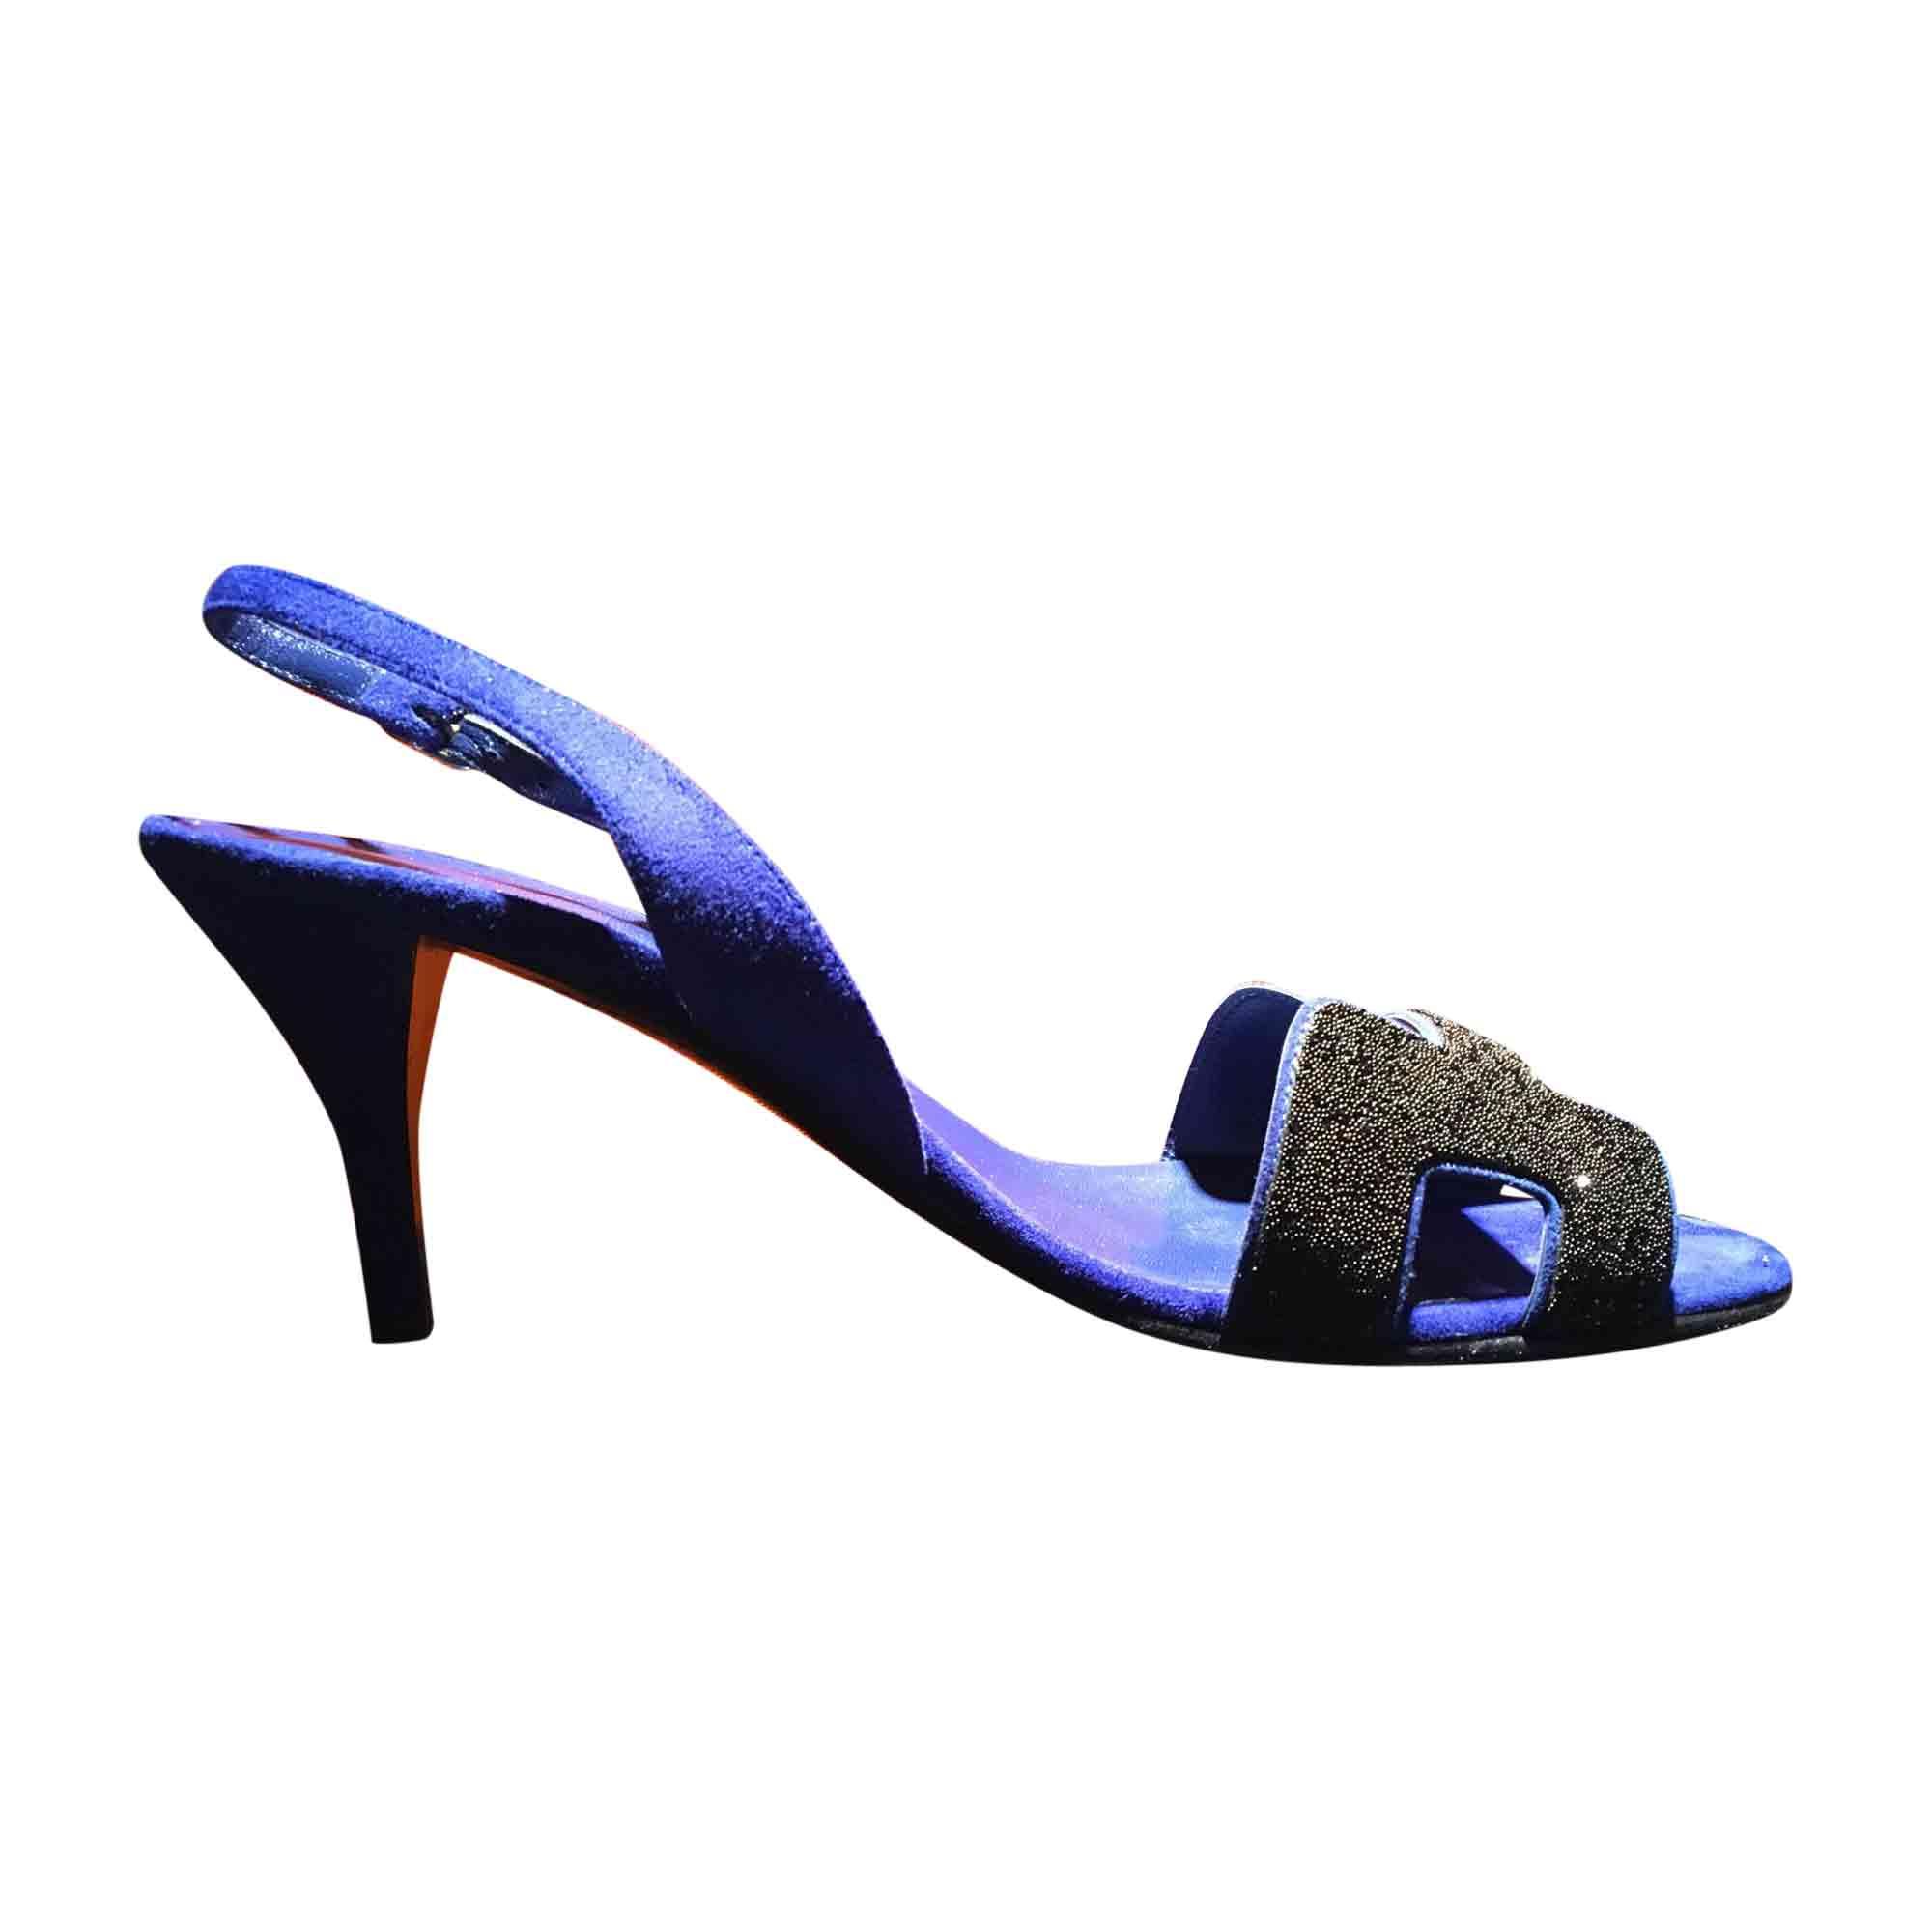 38 7836453 Hermès À Bleu Sandales Talons sxhrQtdC